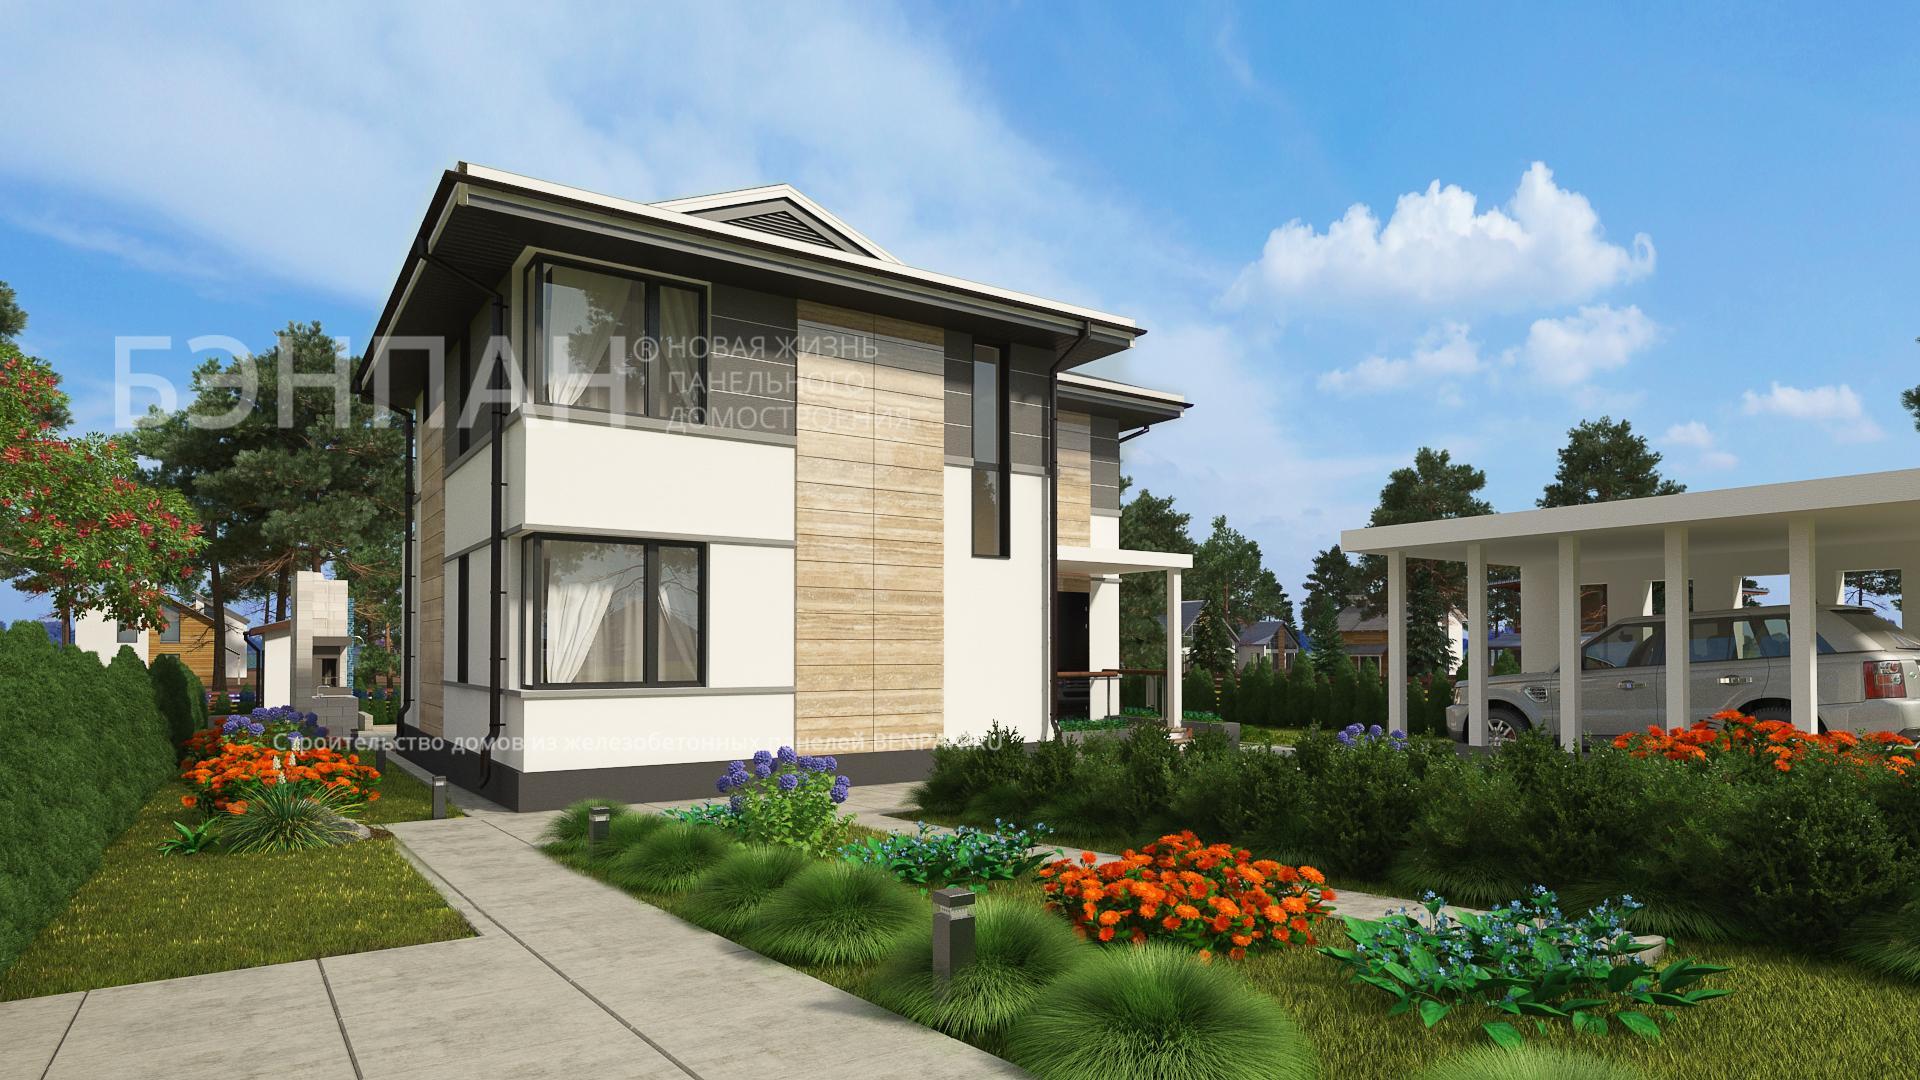 Строительство дома 117.00 м2 по цене от 2465321.6 рублей на март 2019 года